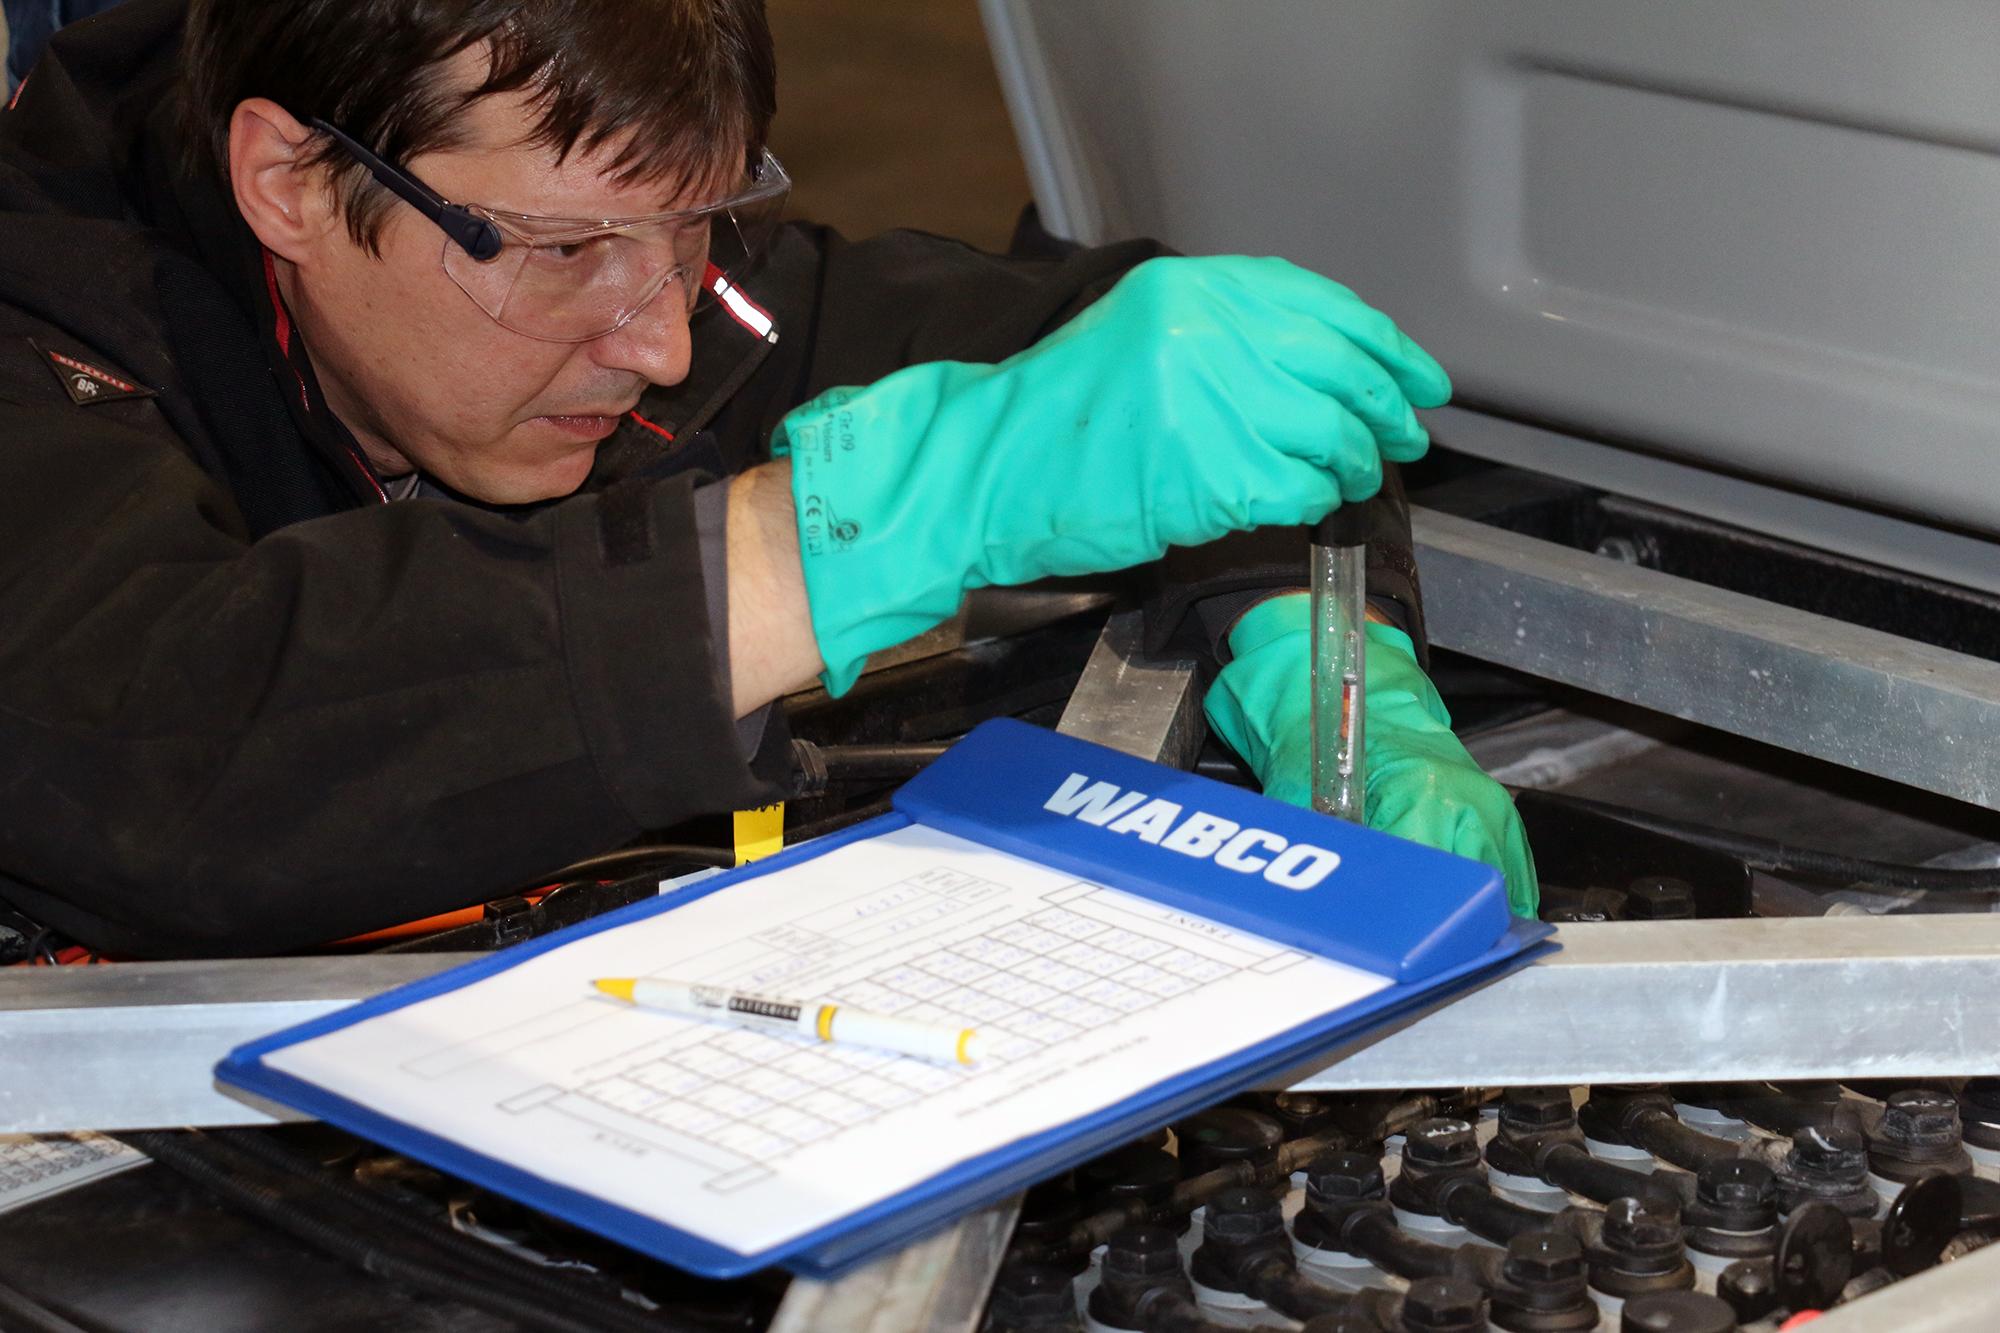 Hier wird die Spannung an den Zellen der Traktionsbatterie gemessen. Ist sie zu gering, muss die Batterie ausgetauscht werden.